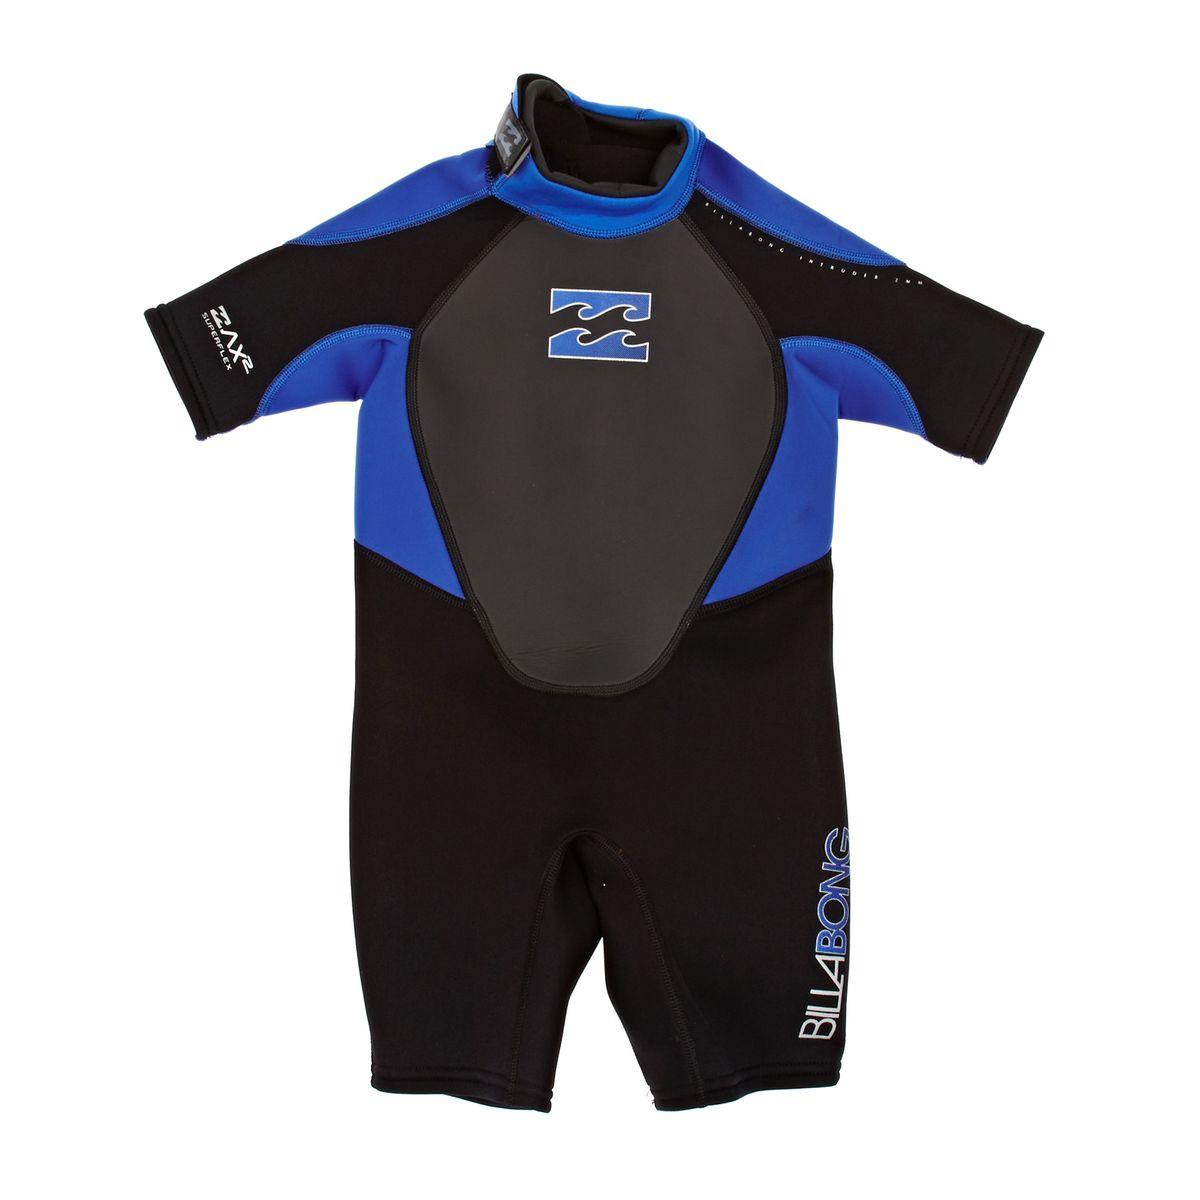 Billabong Toddler Intruder 2mm Shorty Wetsuit - Blue